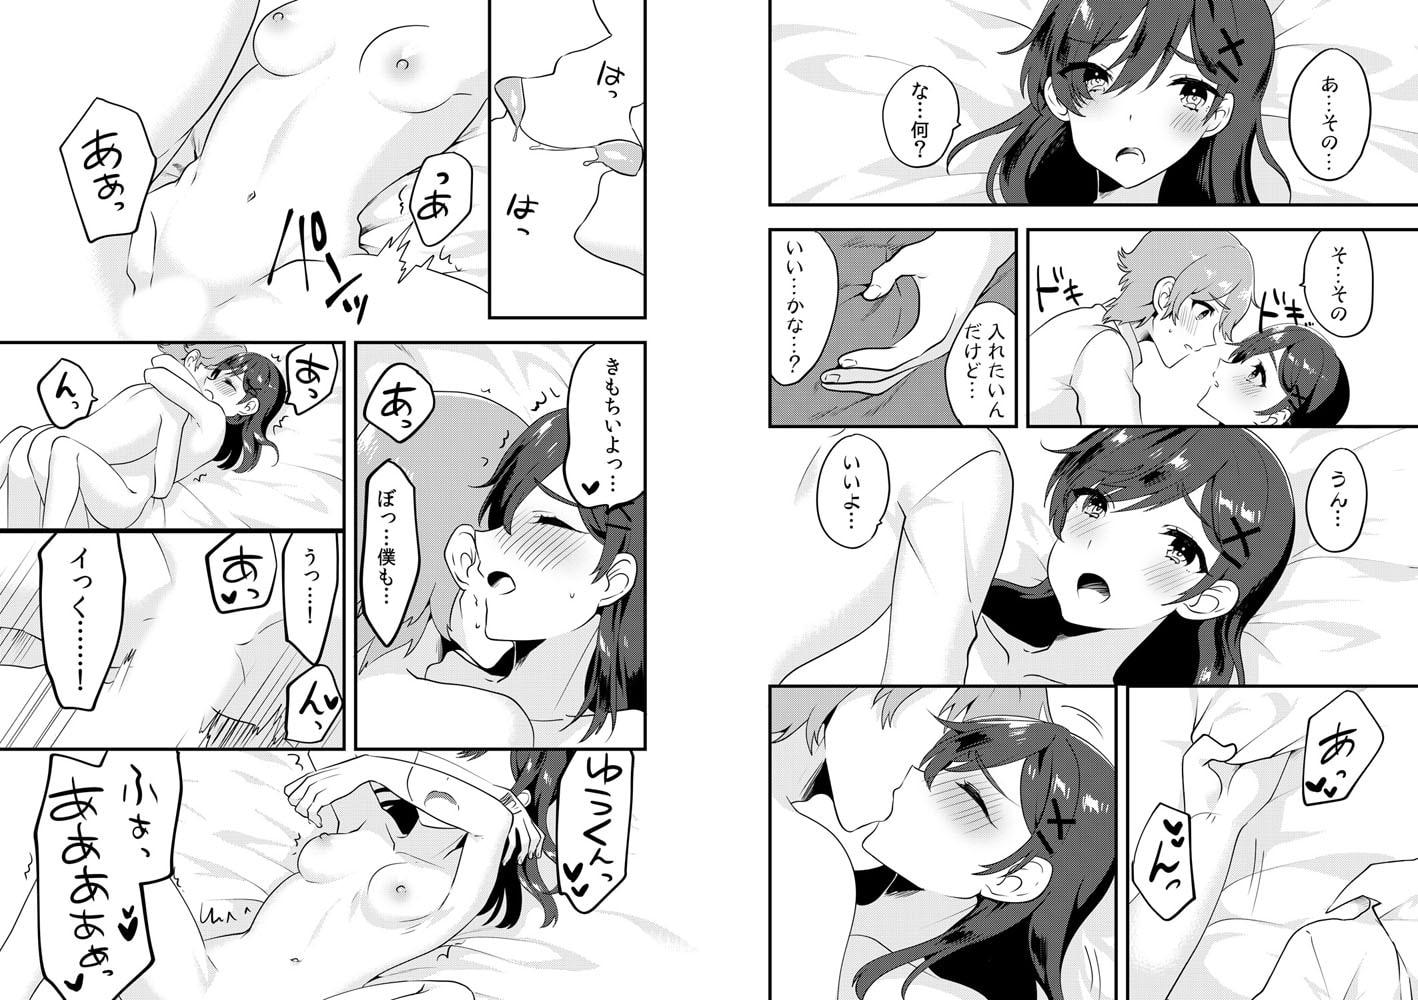 女体化兄弟~兄弟でおっぱいの柔らかさが違うってホント!?~ 2巻